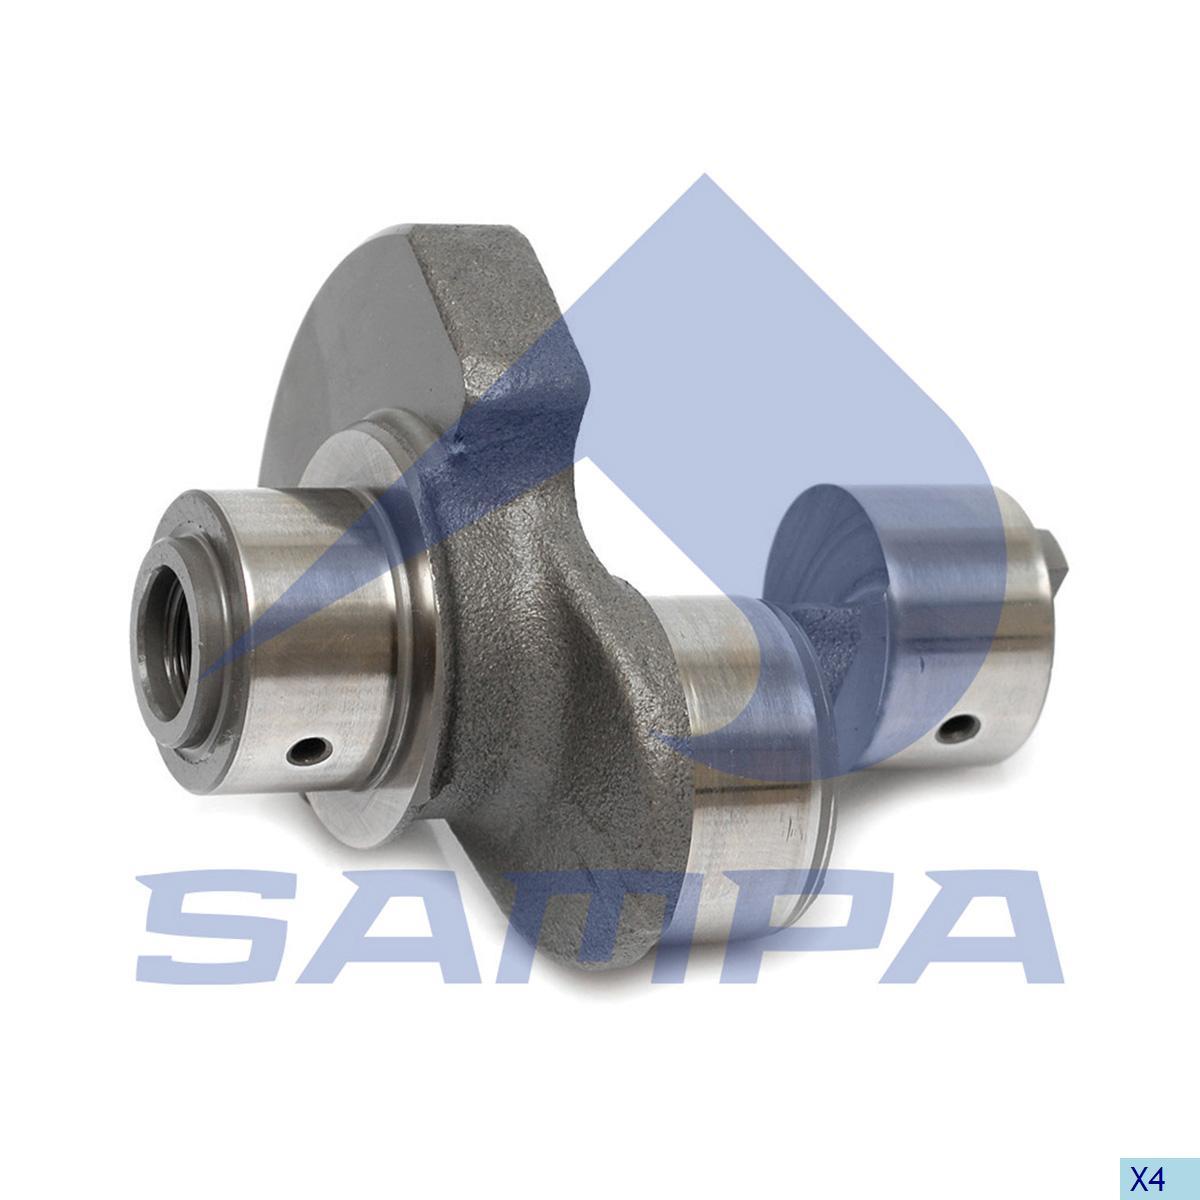 Crank Shaft, Cylinder Block, Mercedes, Compressed Air System